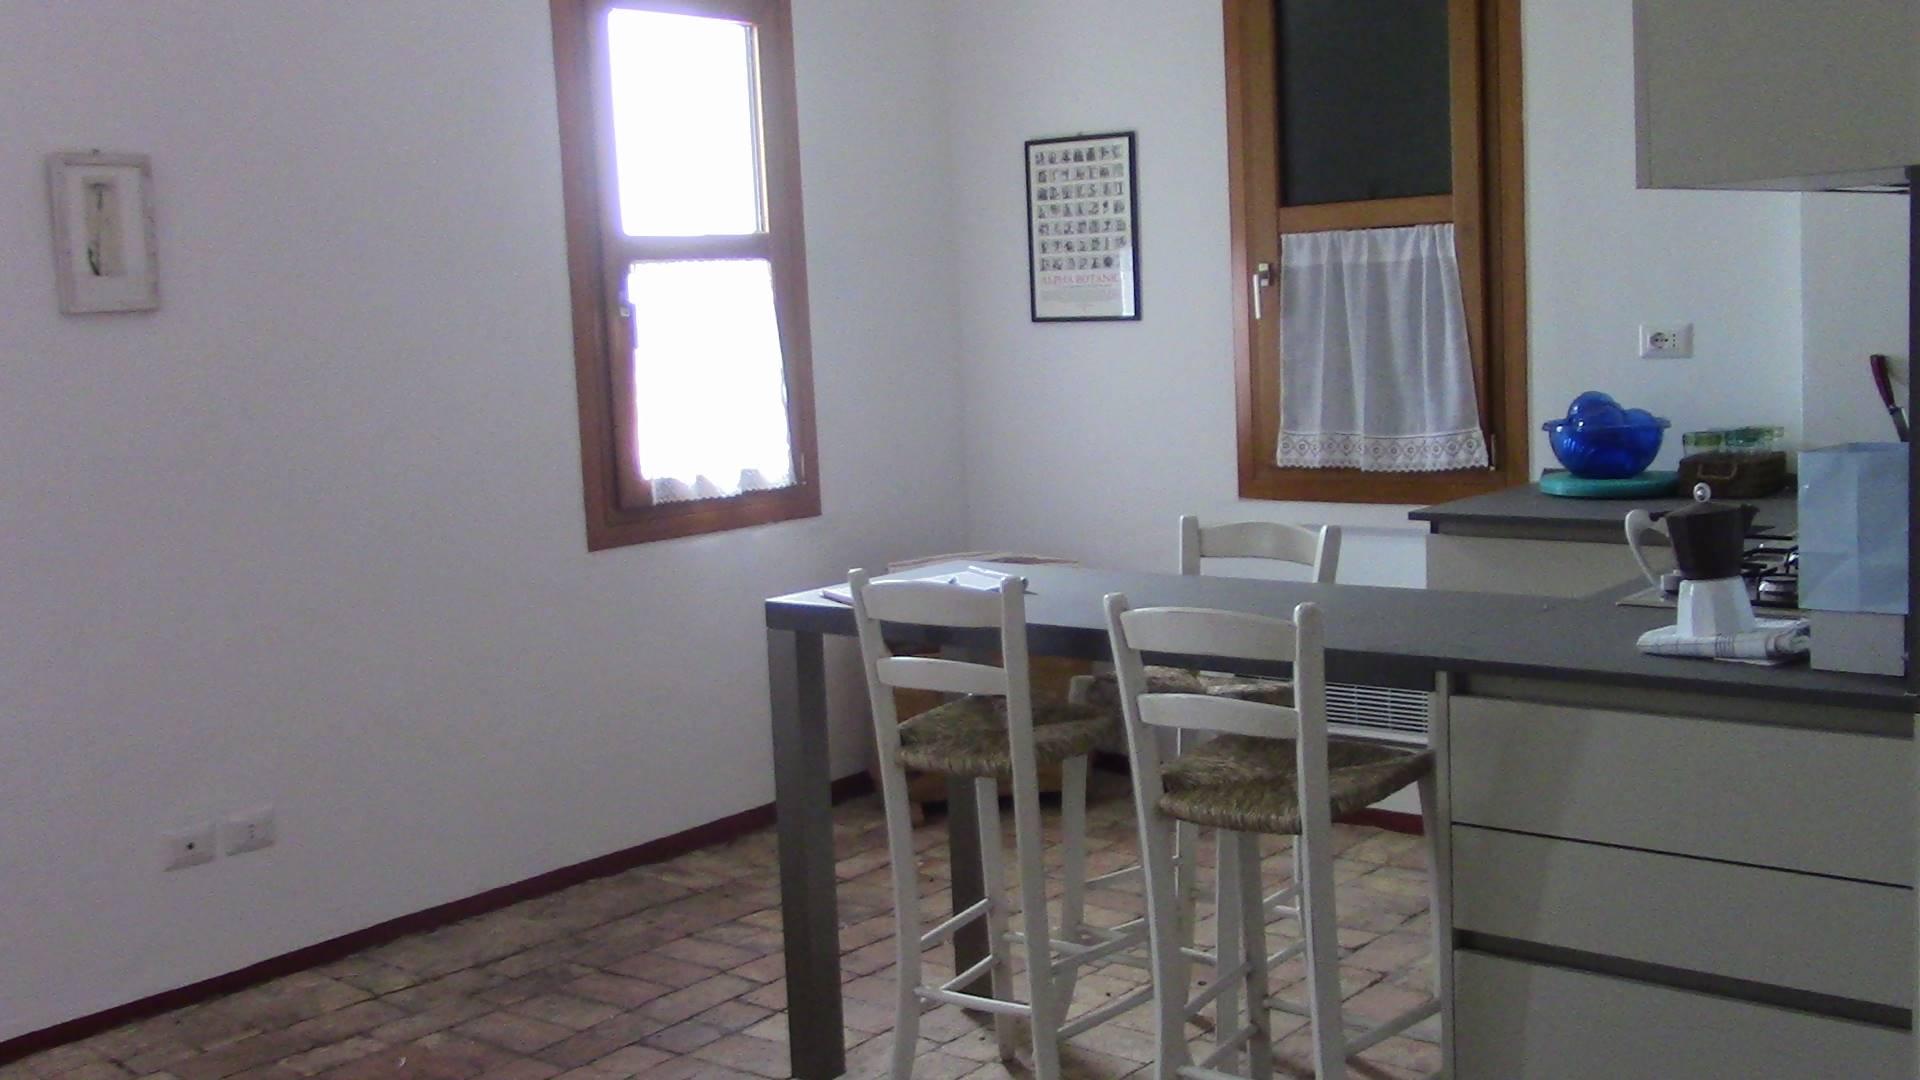 Rustico / Casale in affitto a Quarto d'Altino, 2 locali, zona Zona: Portegrandi, prezzo € 450   CambioCasa.it